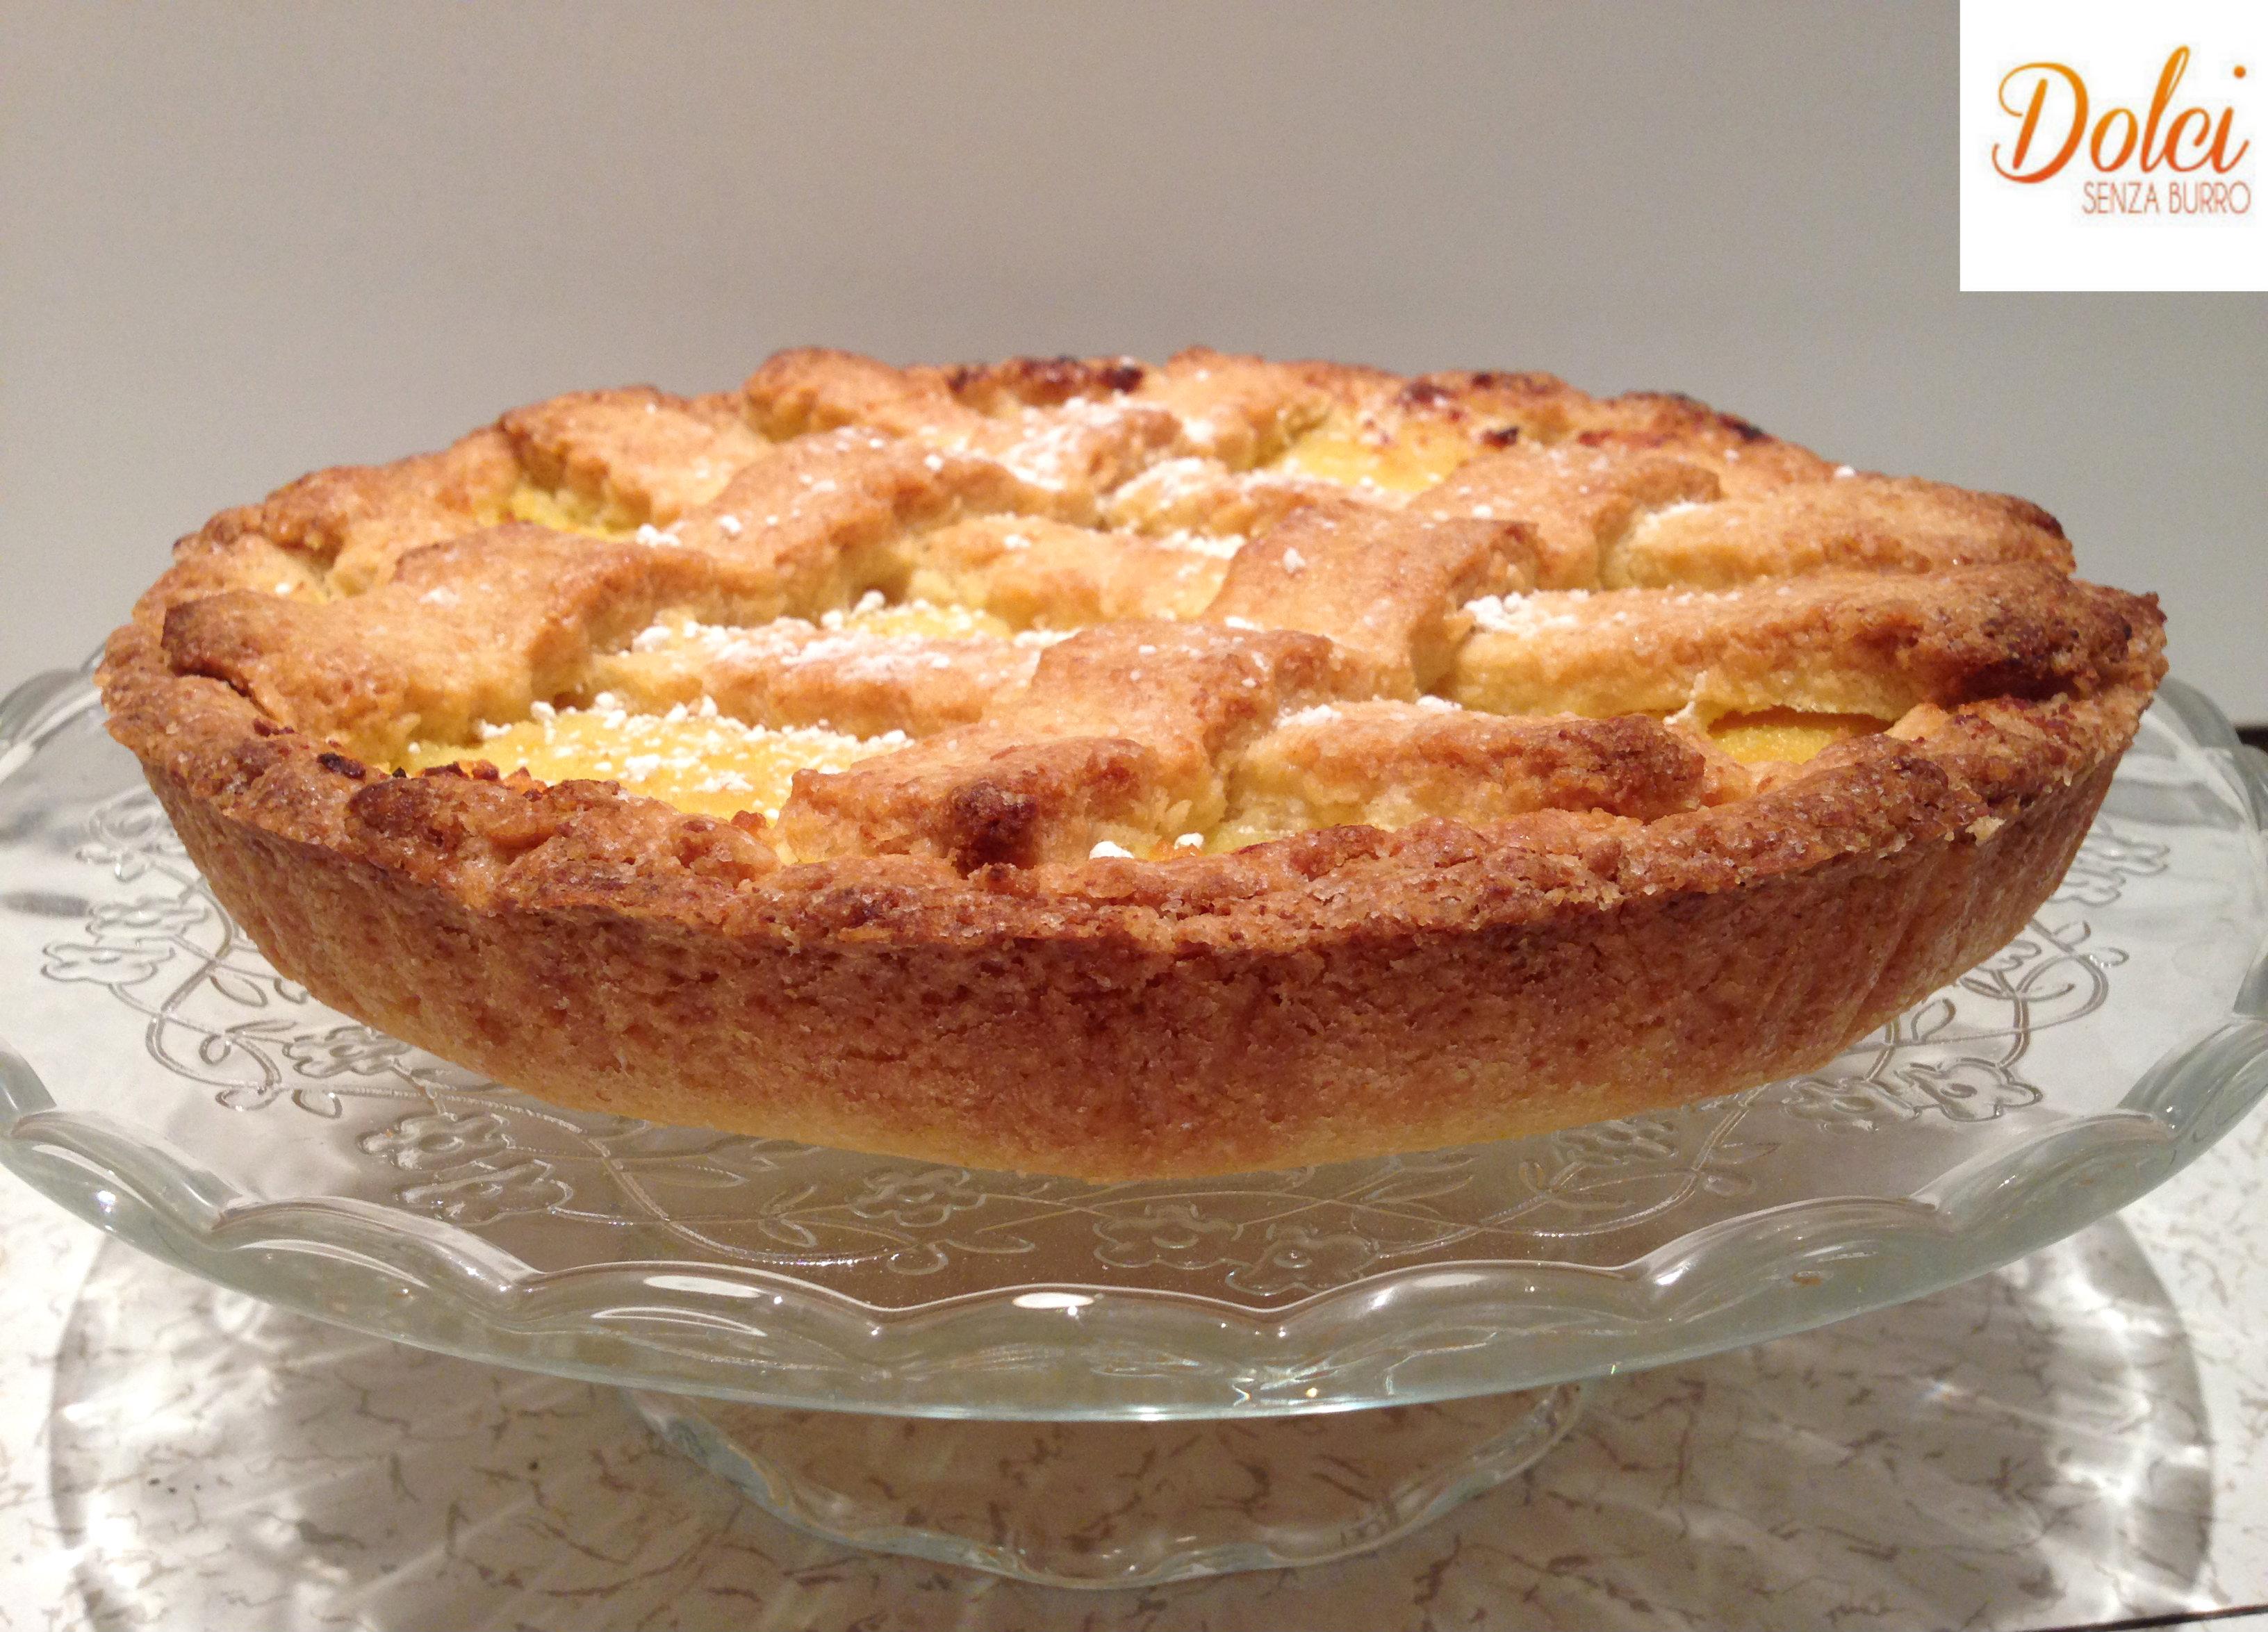 Crostata di Limone e Cocco Senza Burro, un gusto speciale di Dolci Senza Burro